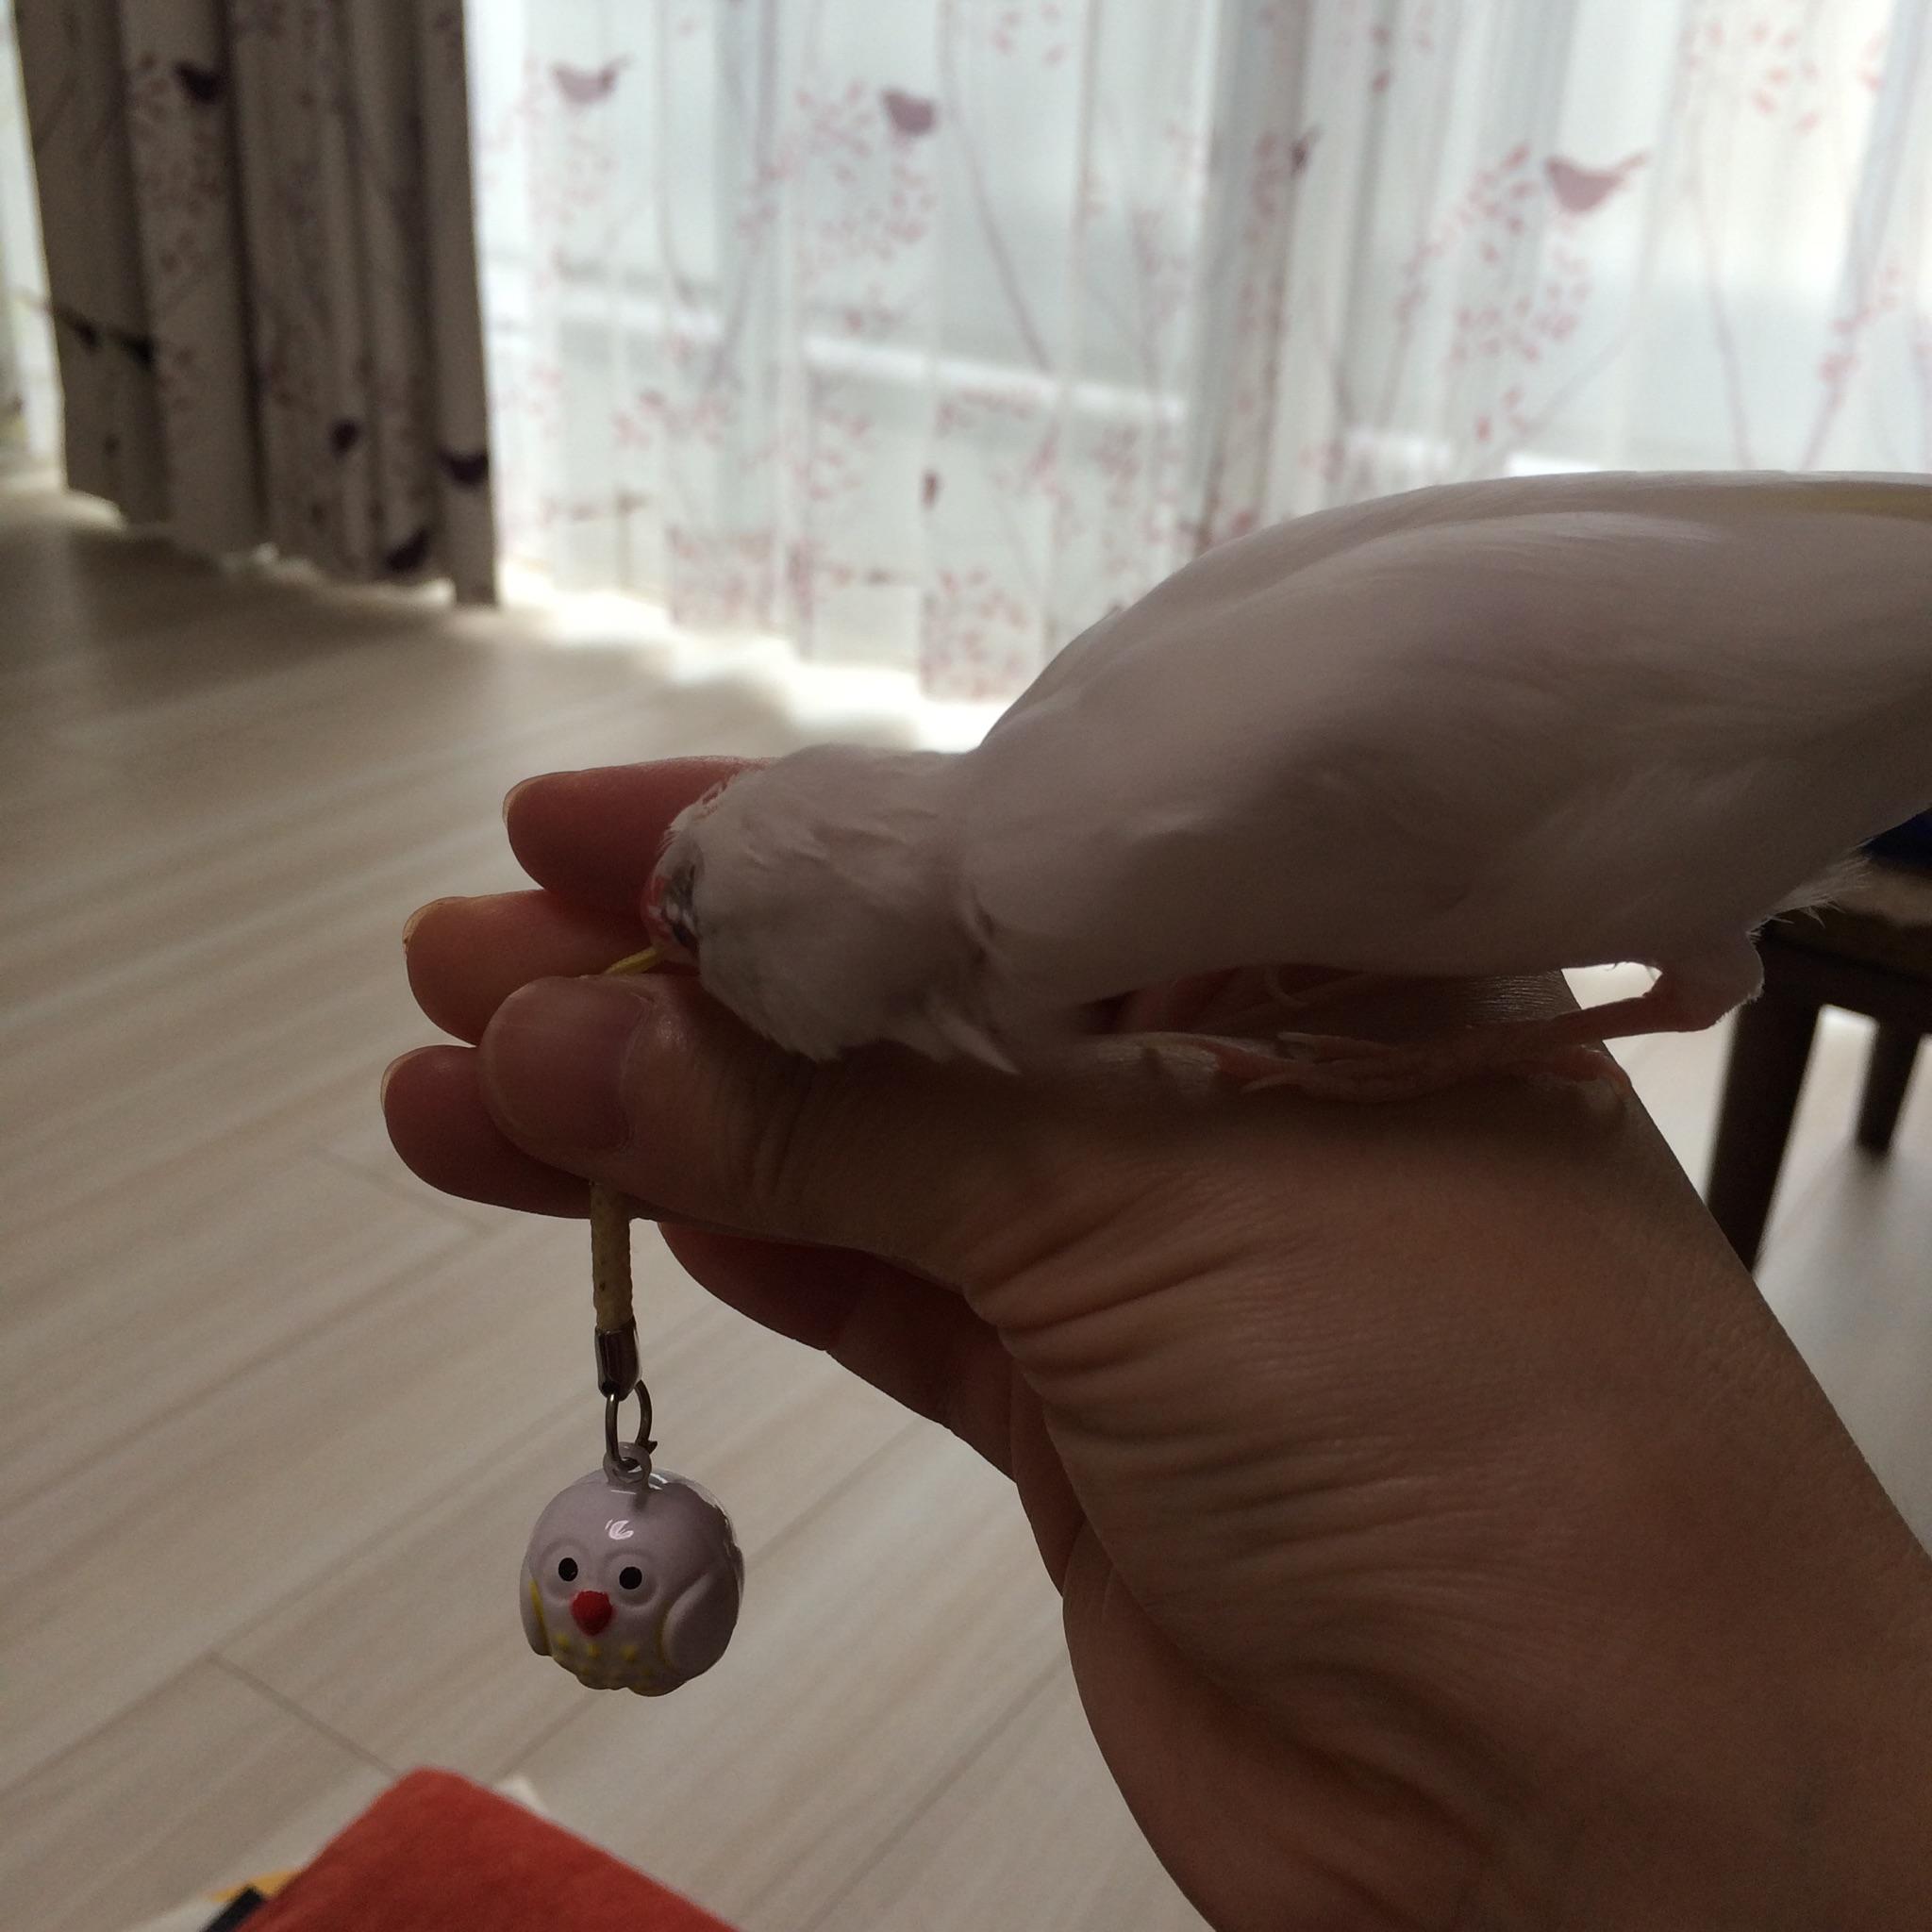 chiku2.jpg